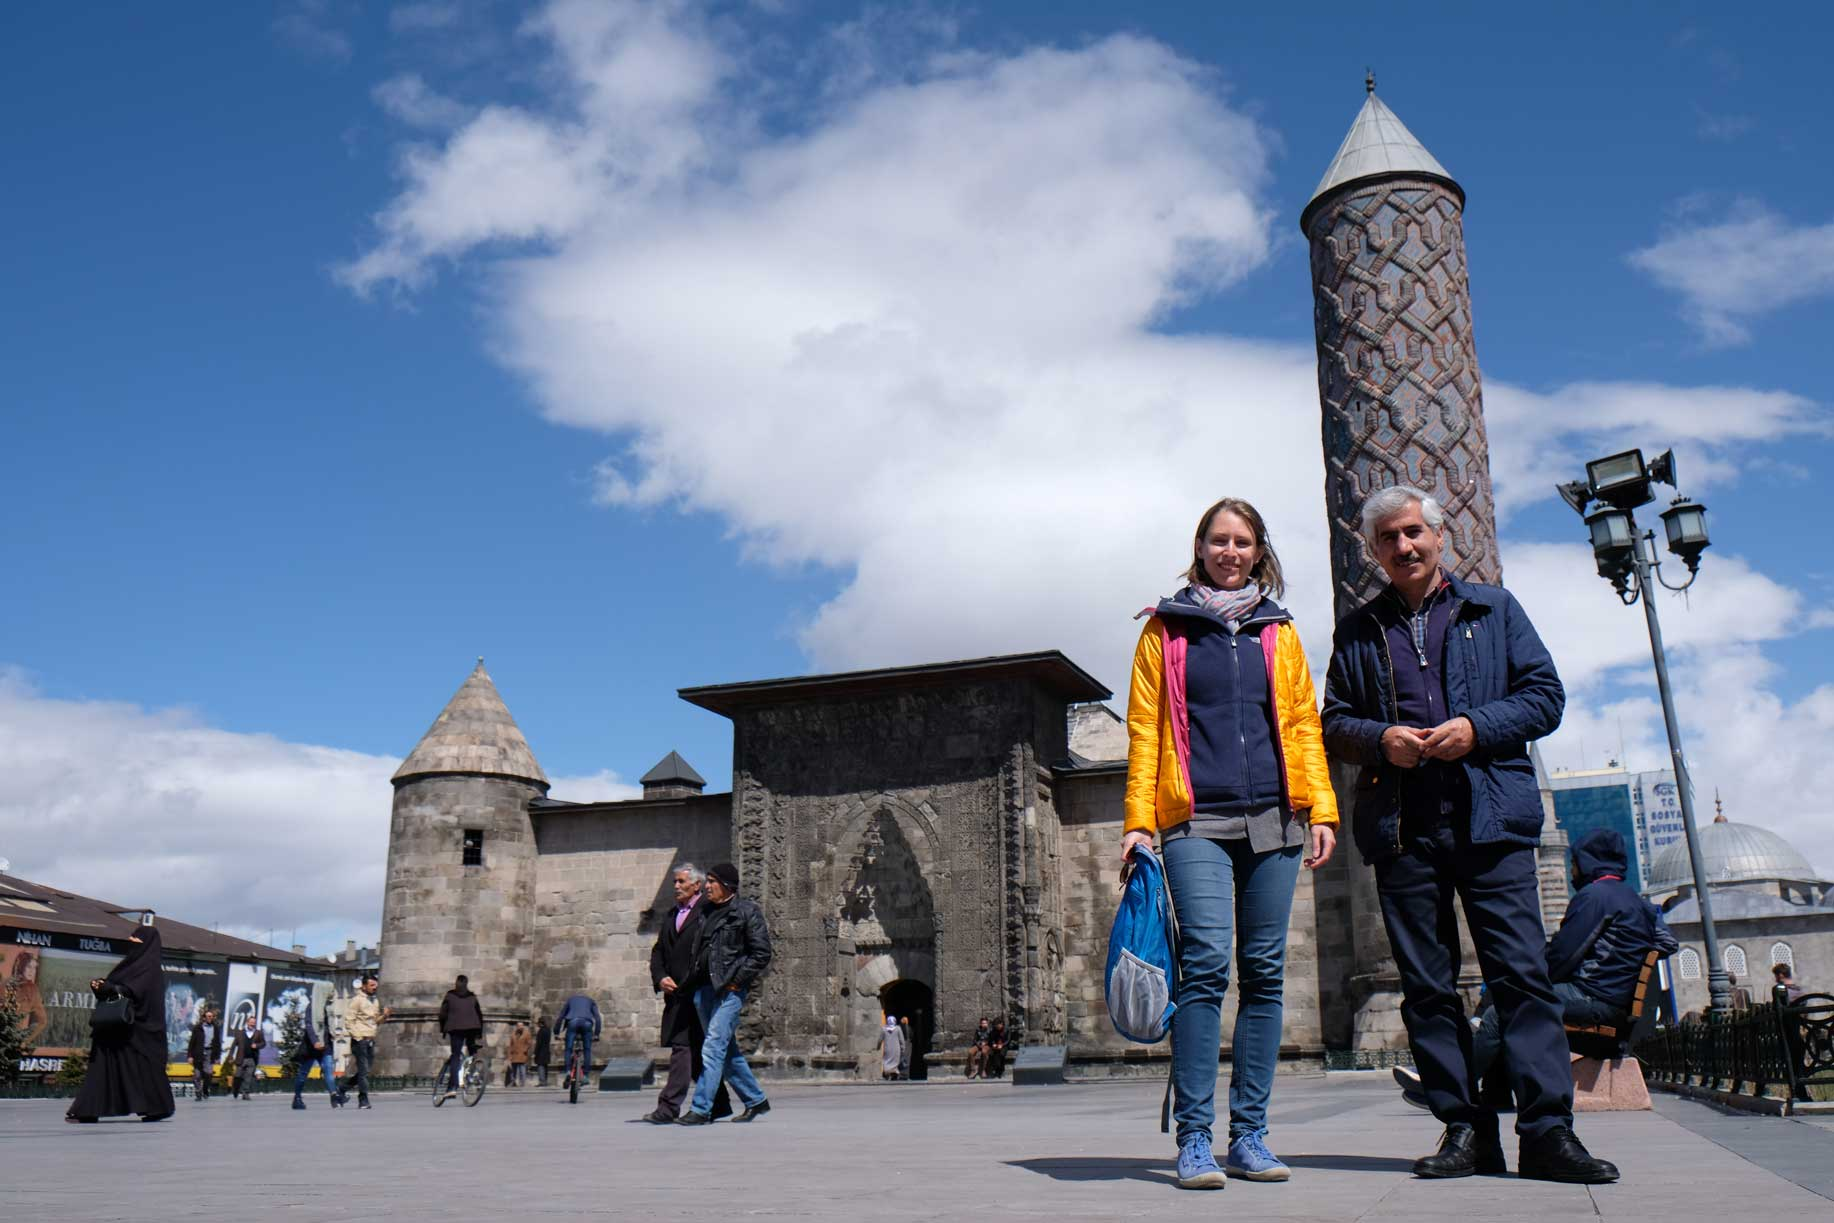 Leo und Fesih vor der Yakutiye-Medrese in Erzurum